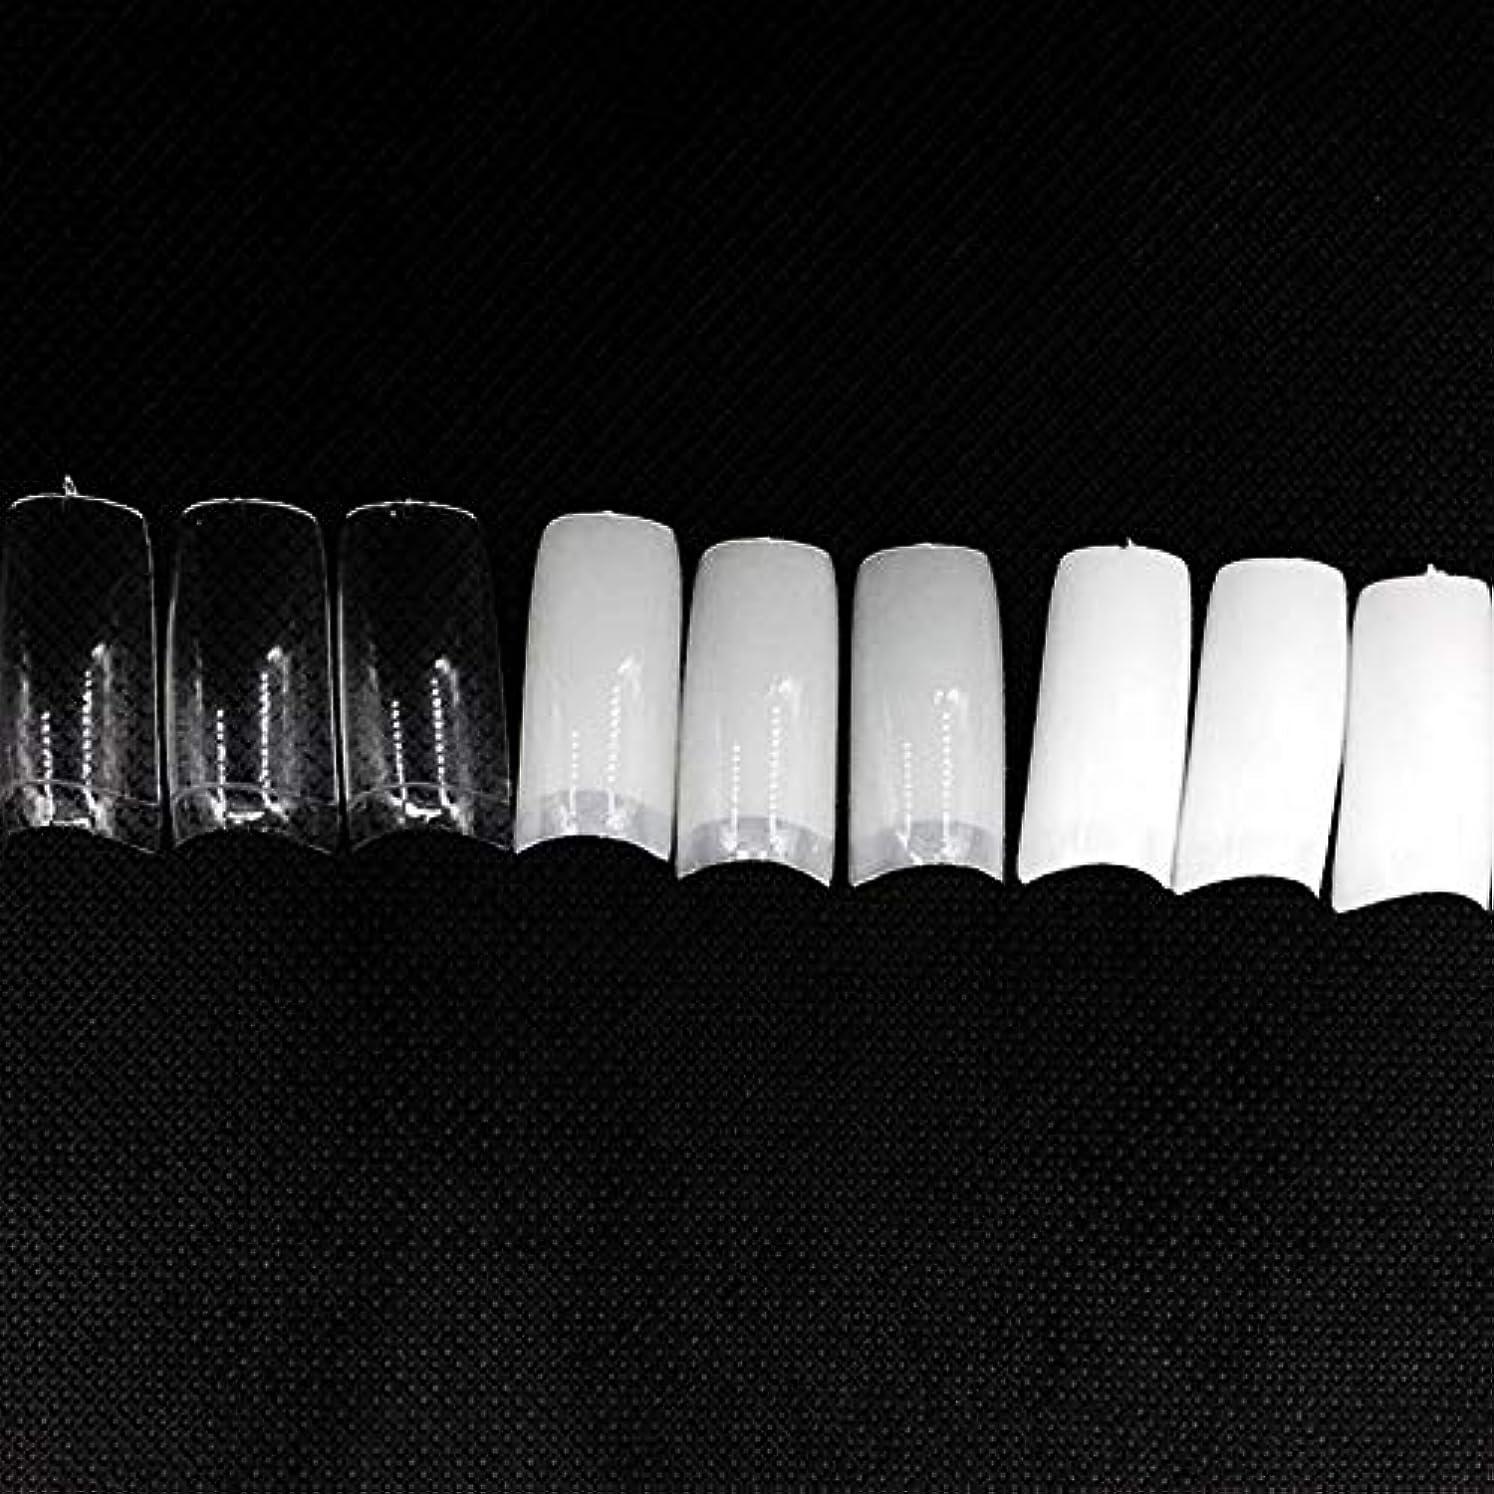 カニ頼む人類ネイルチップ つけ爪 偽爪 無地 ロング オーバル 10サイズ デコレーション フルチップ シンプル DIY デザイン 500個/セット Moomai